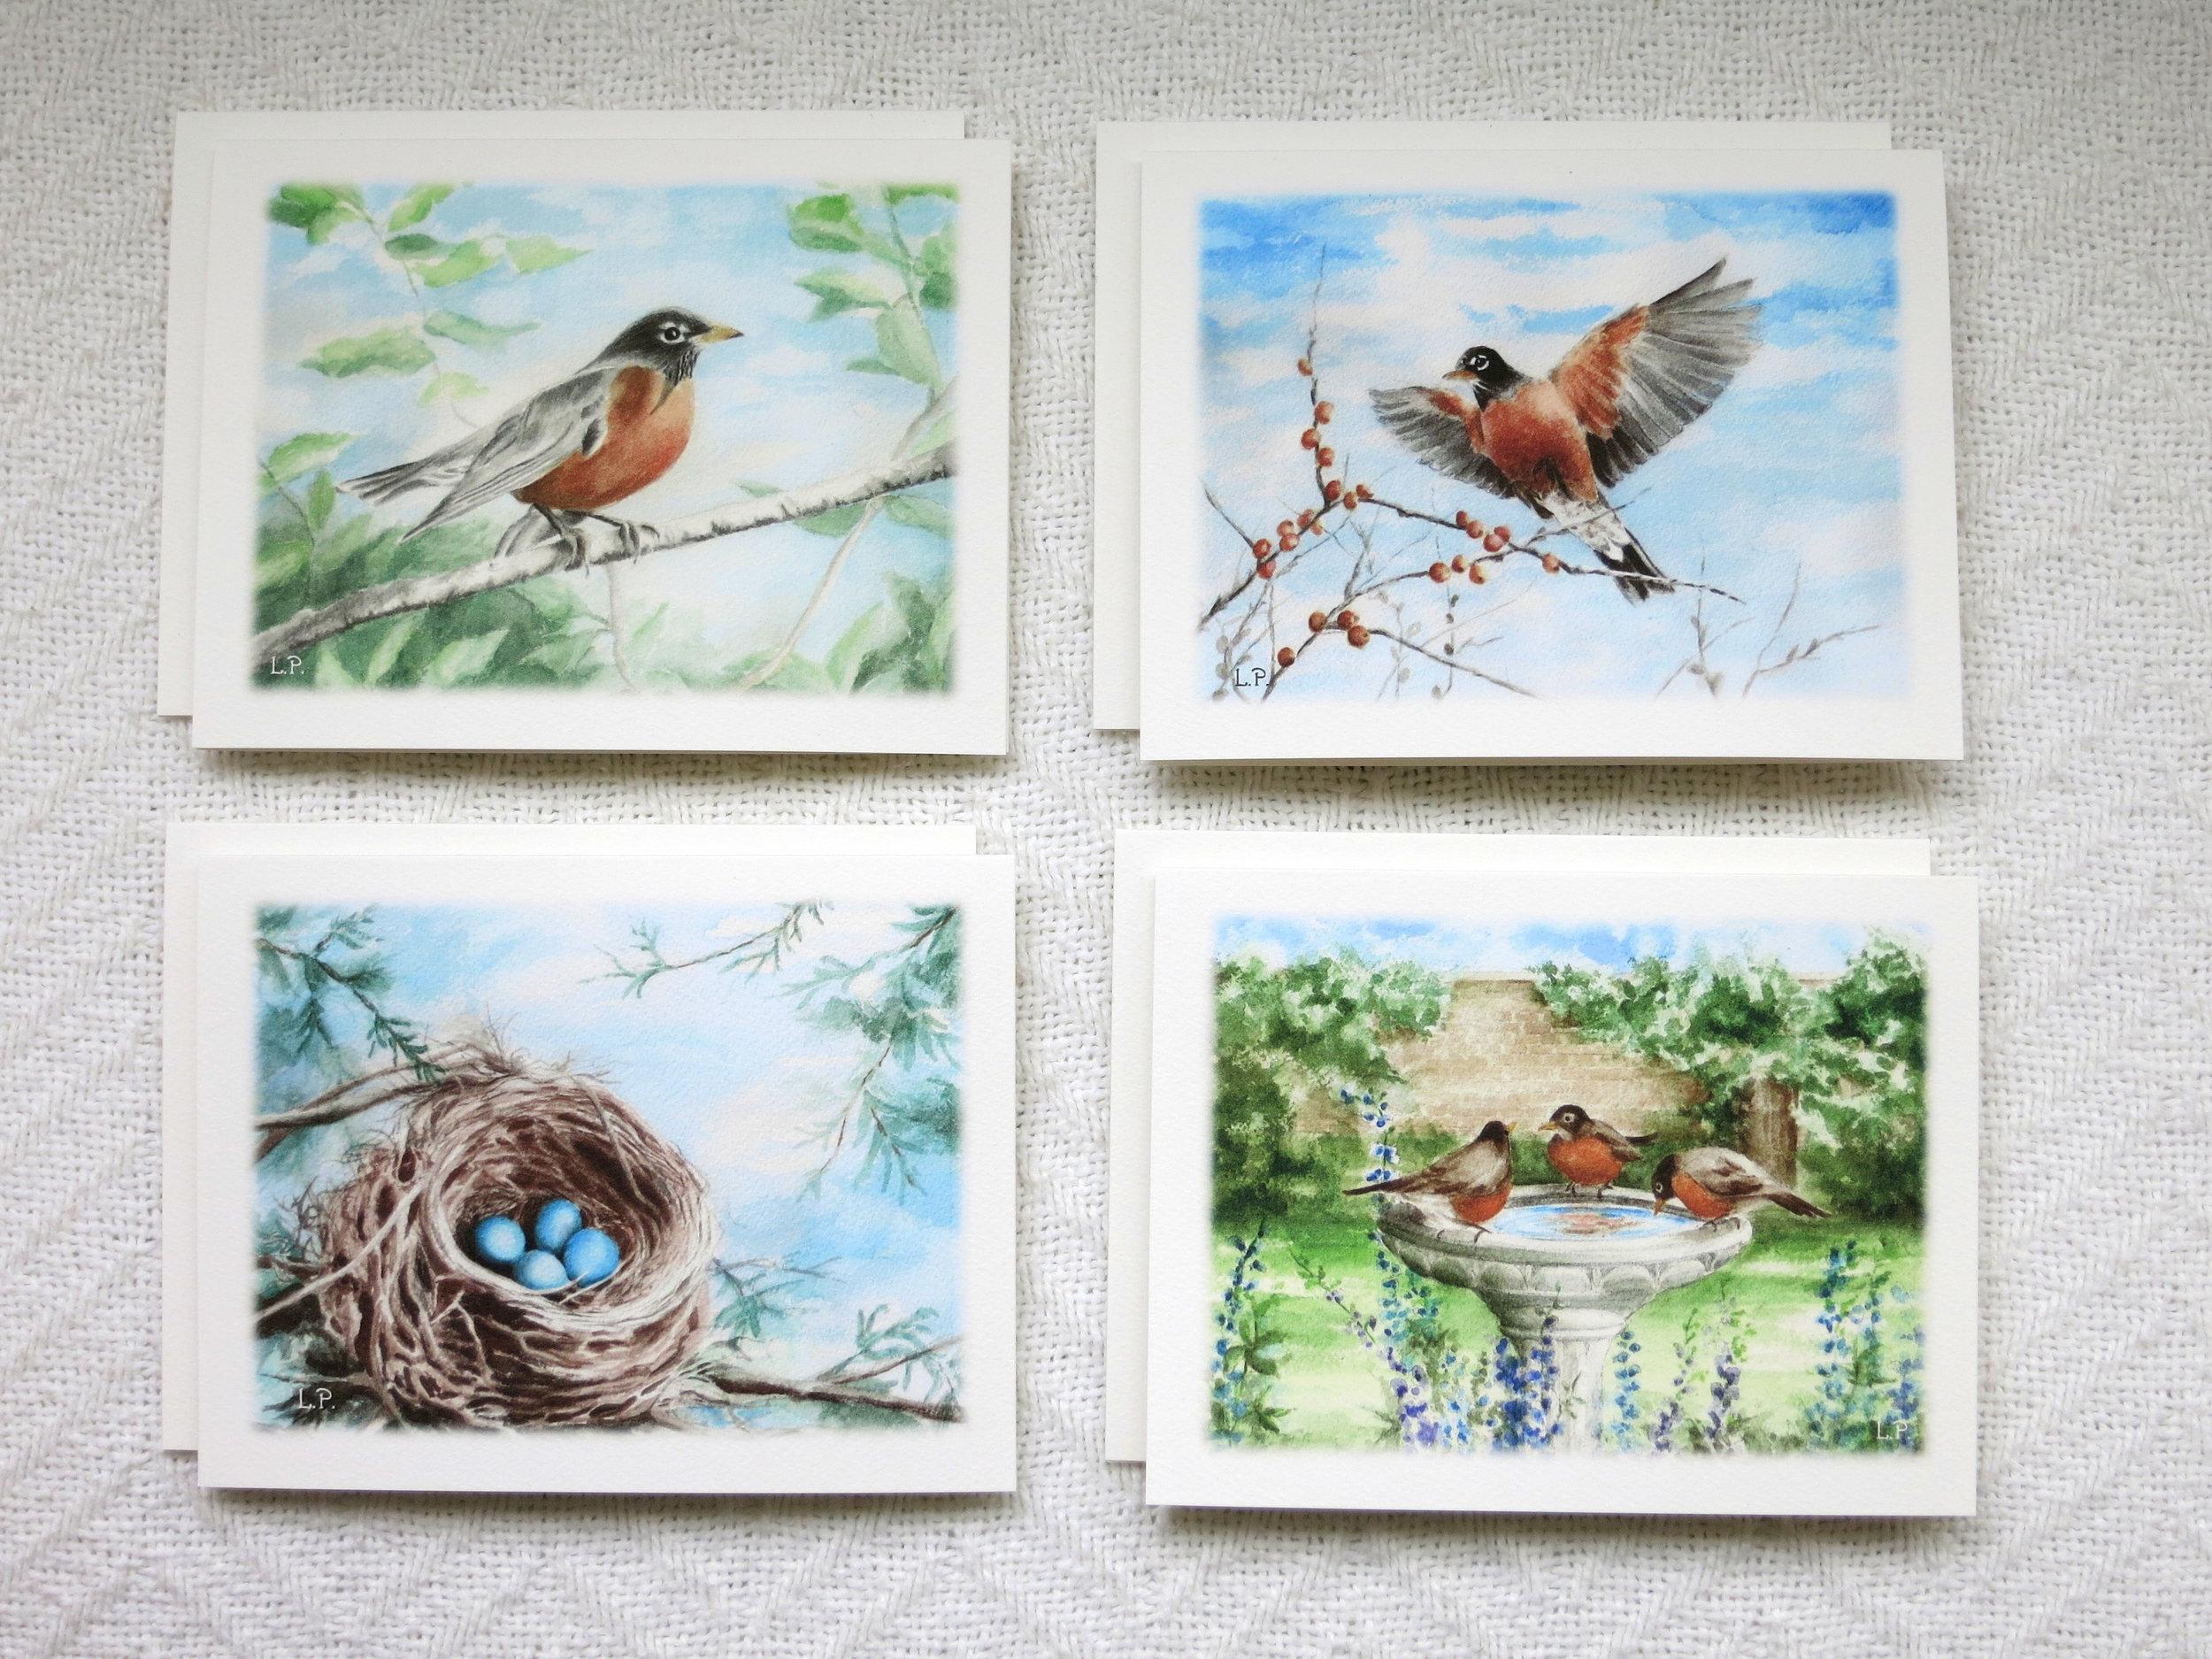 SECRET GARDEN NOTE CARDS - 2 each of 4 designs - Blank inside